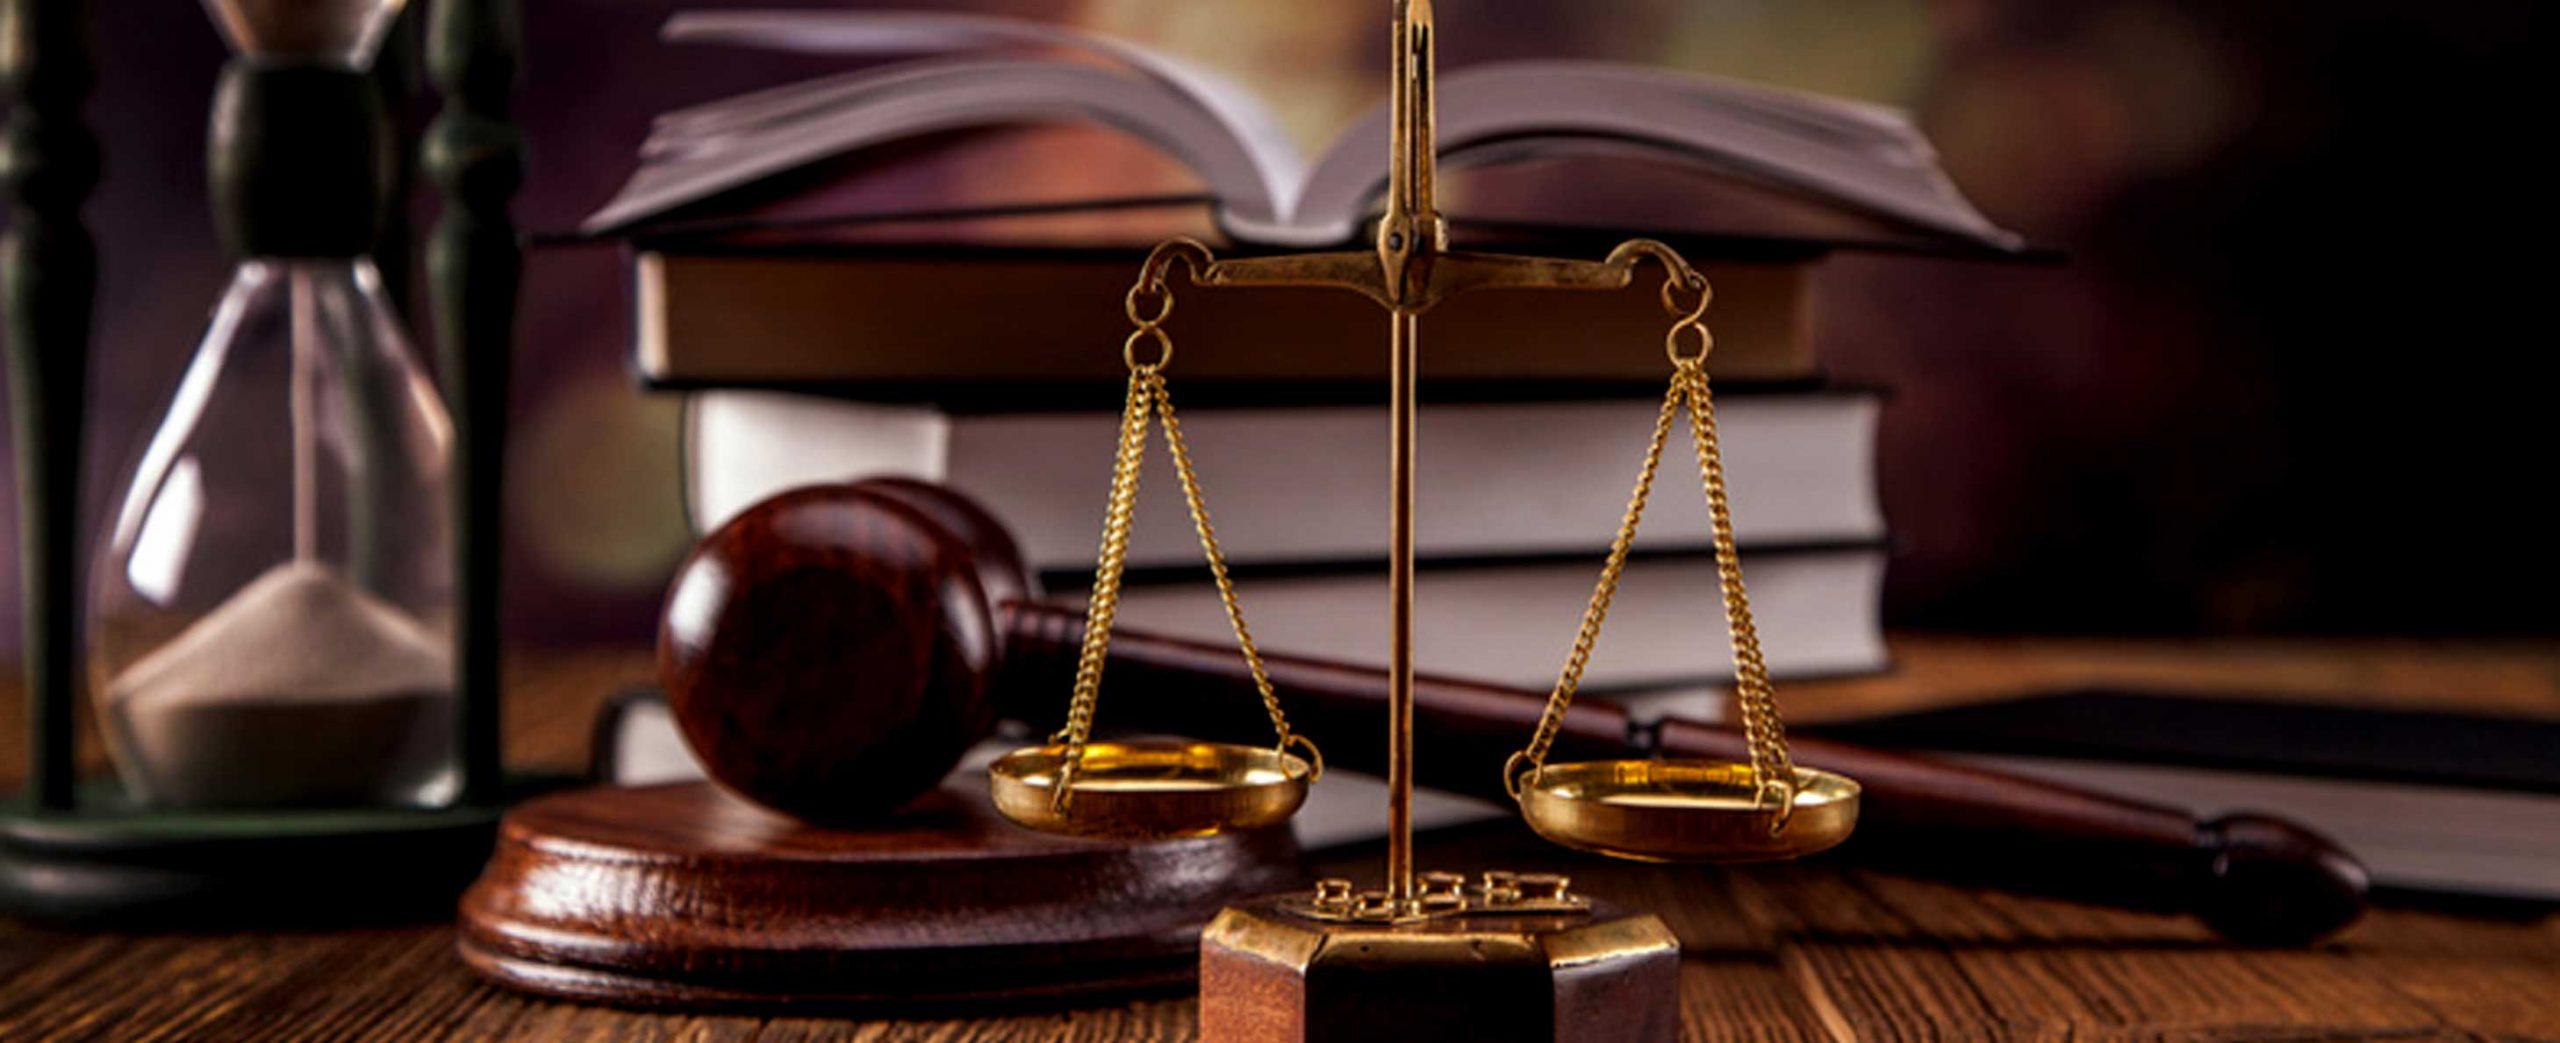 قبول وکالت در تمامی مراحل(تحقیق ، رسیدگی ، اجرای احکام )